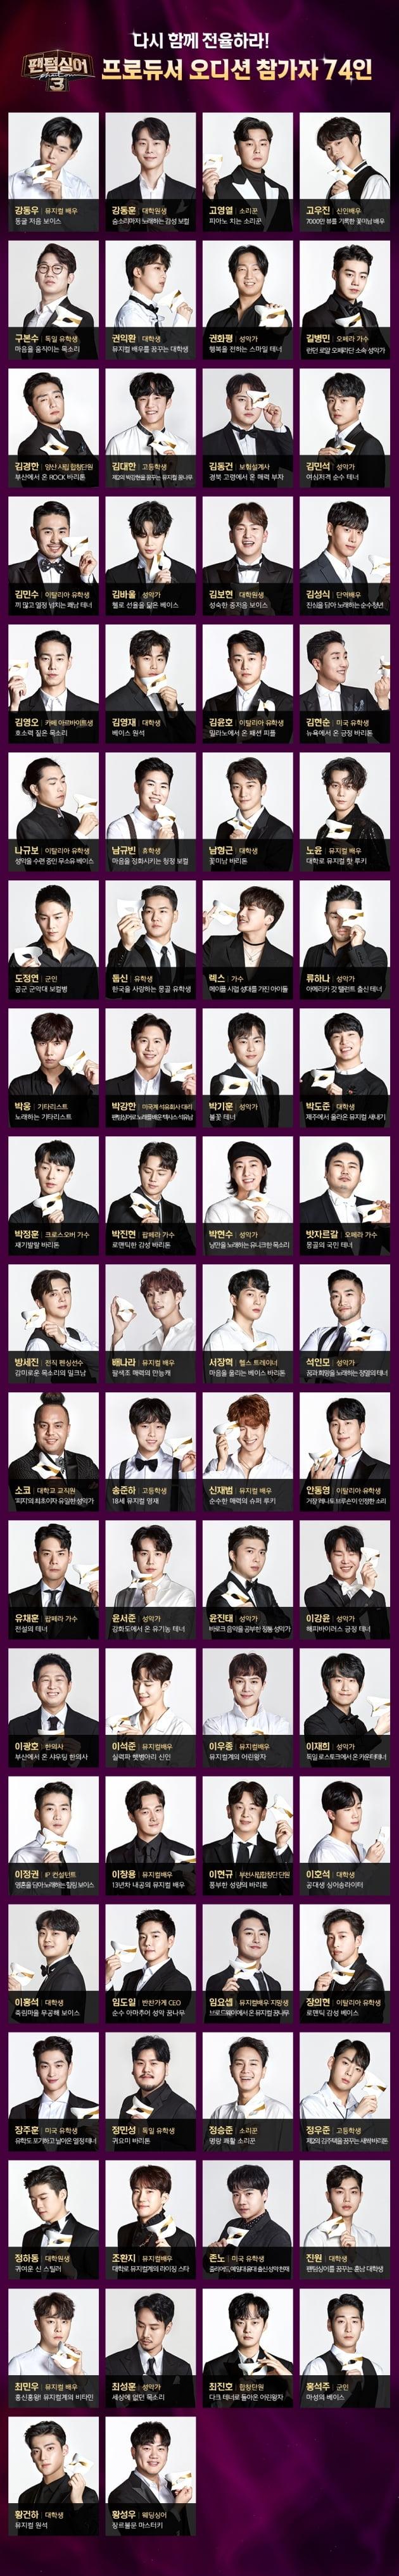 '팬텀싱어3' 프로필 / 사진 = JTBC 제공